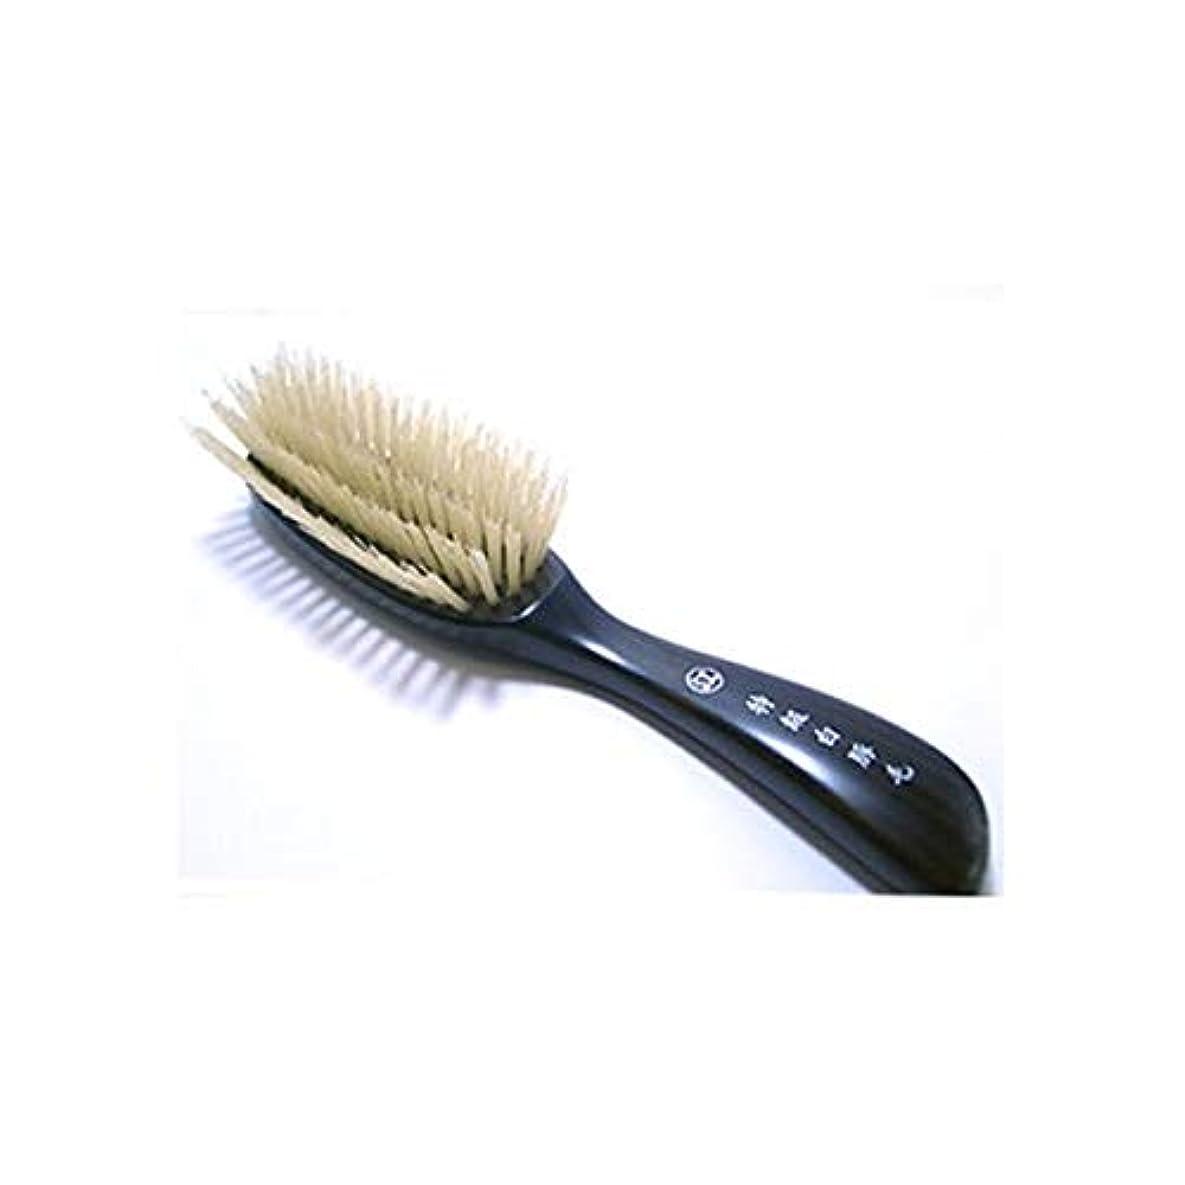 次温帯アシュリータファーマン特級白豚毛ヘアブラシ6行植え 創業300年江戸屋白豚毛ヘアブラシ 標準の髪ボリュームの方向け 獣毛ヘアブラシ